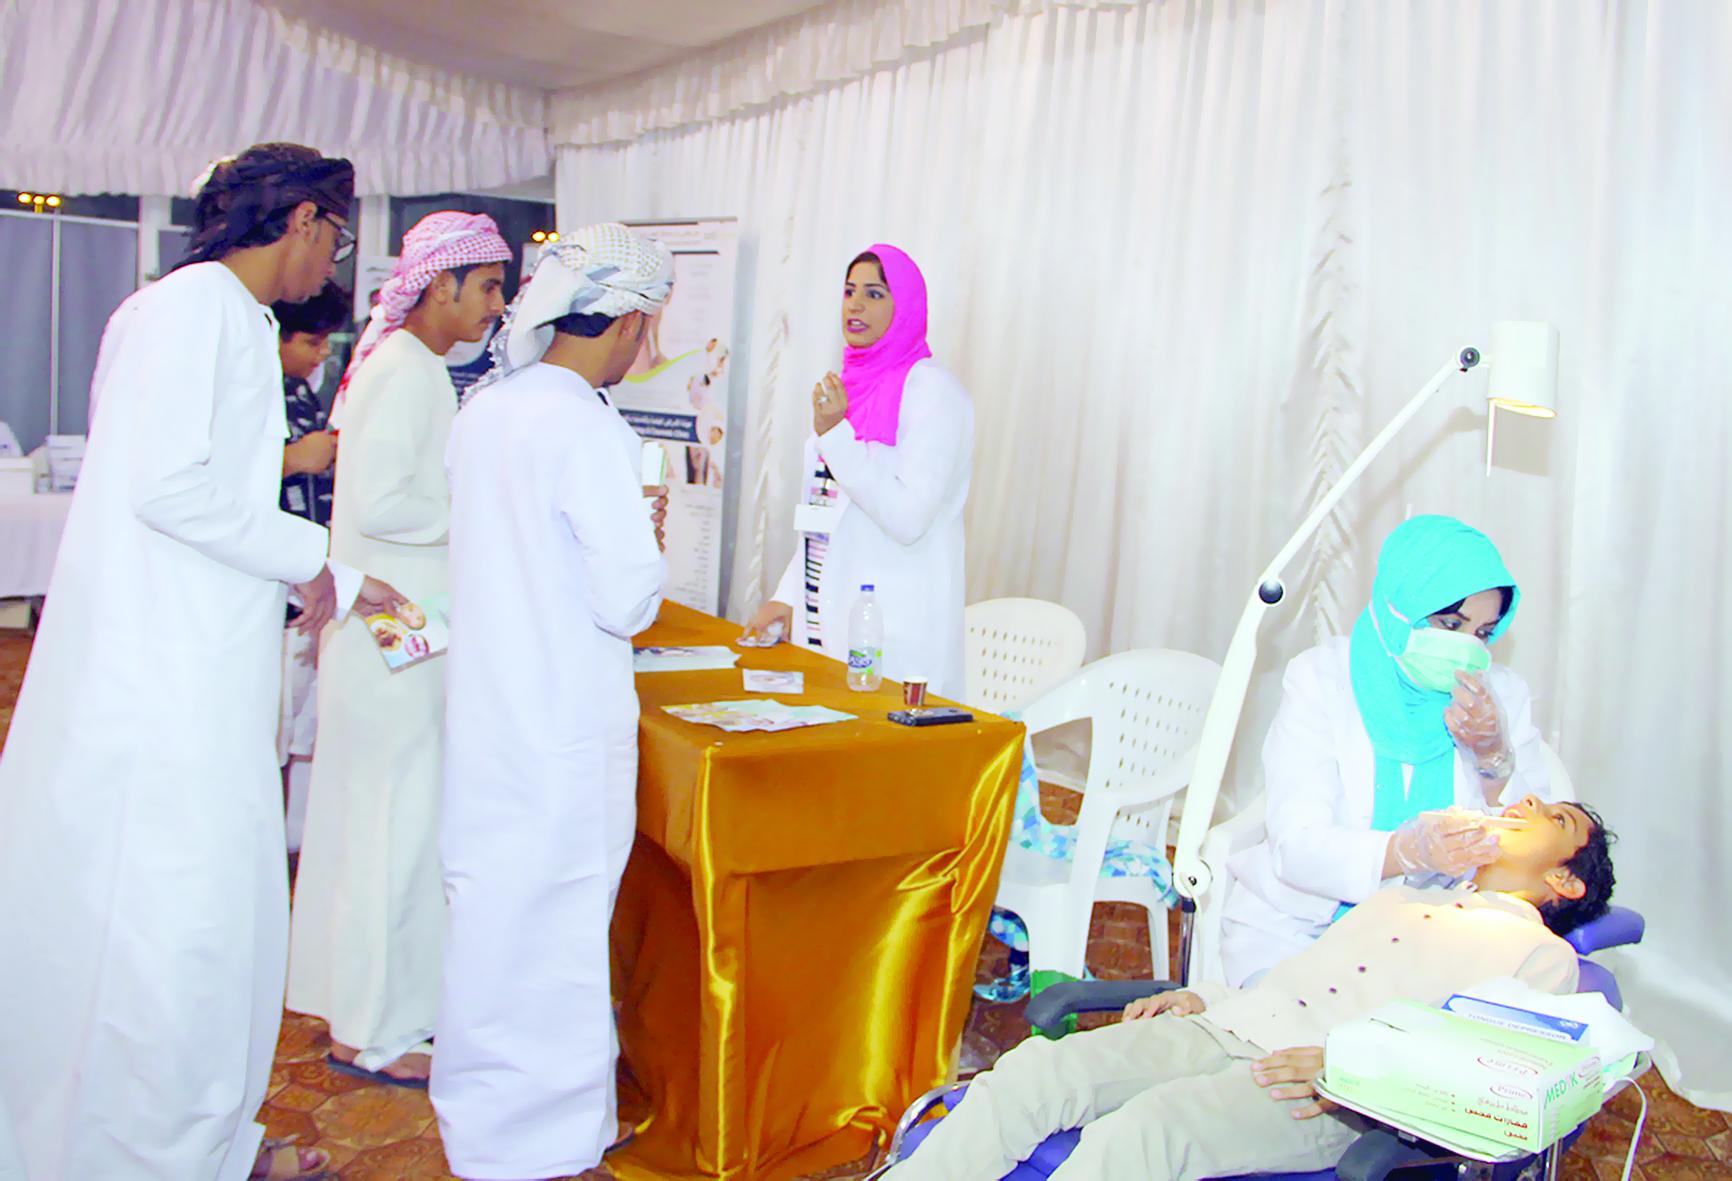 وزارة الصحة تشارك في المهرجان وتستهدف صحة الفم والأسنان